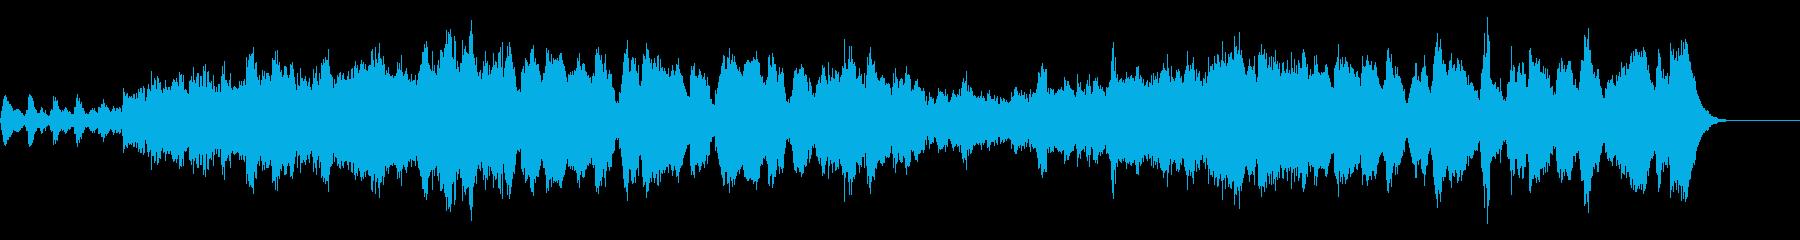 チャイコフスキーの明るく軽快な曲27秒の再生済みの波形